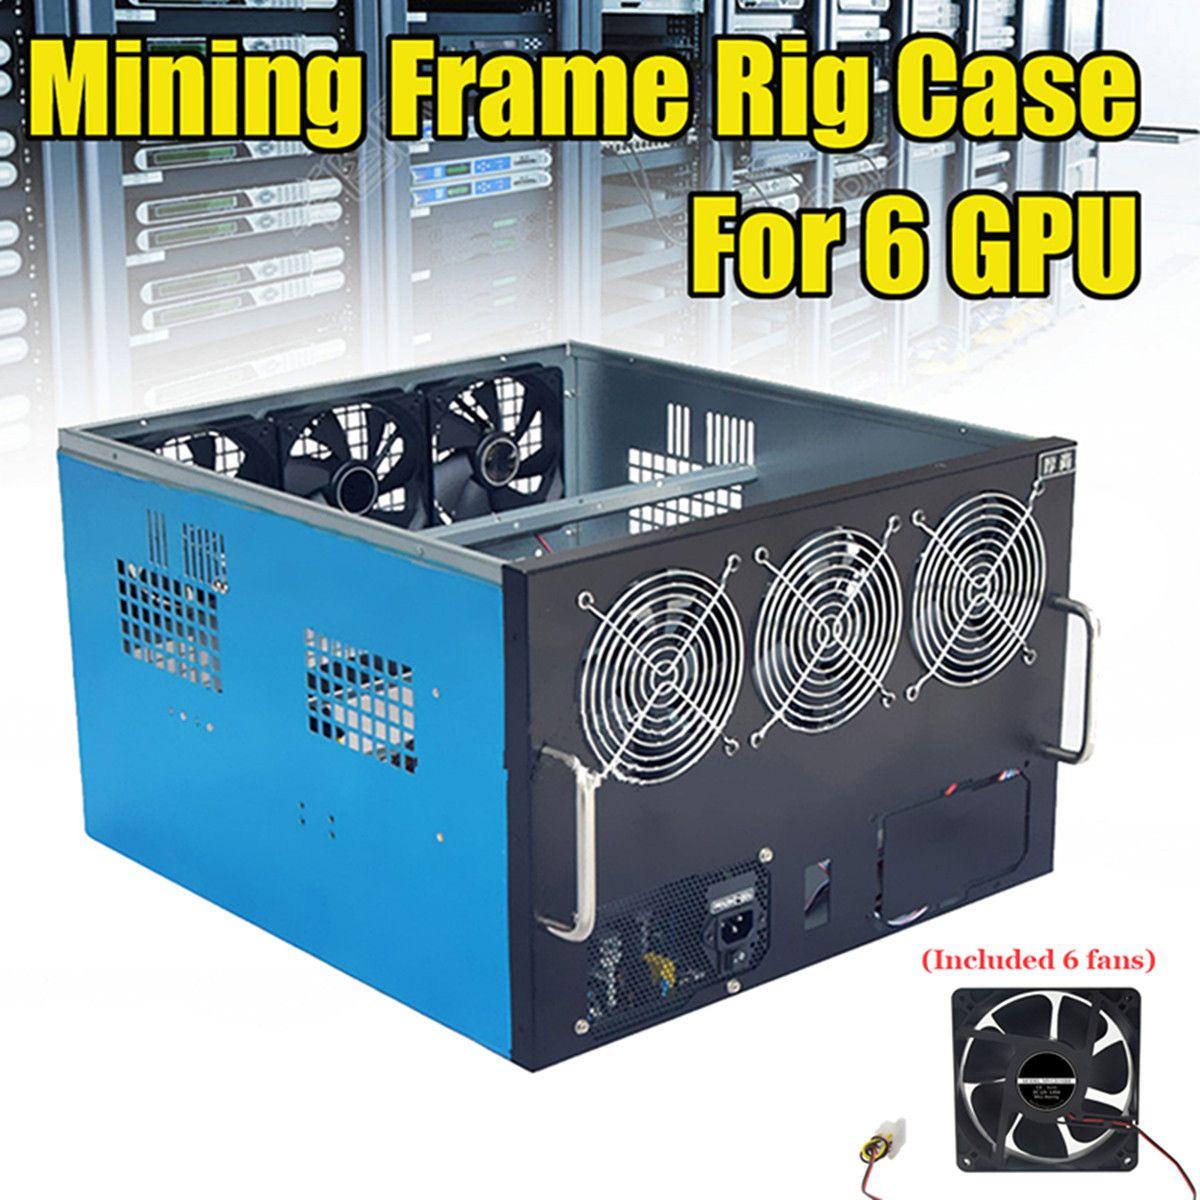 USB 2.0 FAI DA TE Dual Alimentazione del Ventilatore del Ventilatore di Estrazione Mineraria Telaio Rig Caso Per 6 GPU Crypto Valuta Minatore